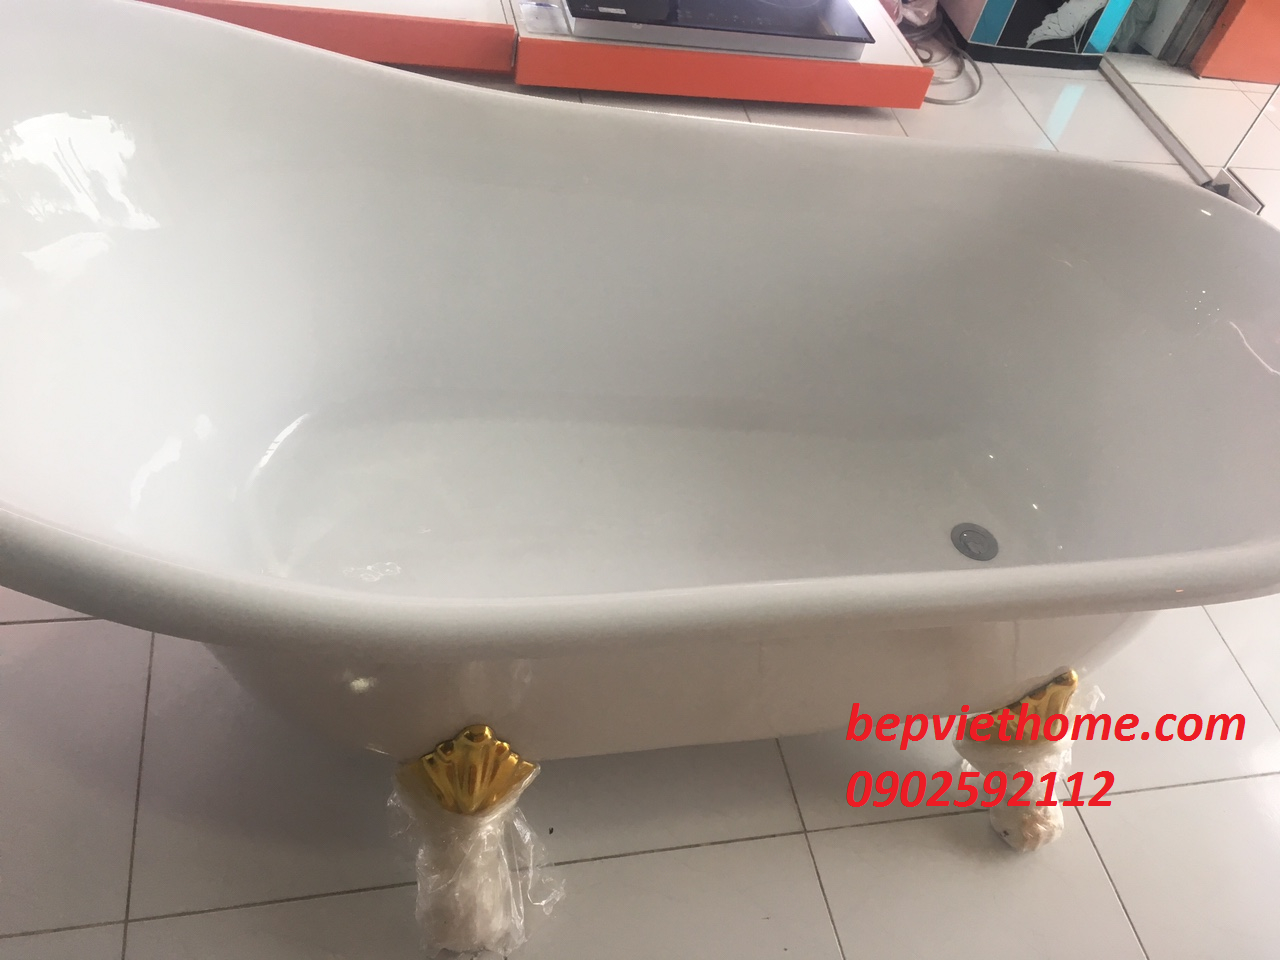 Chất liệu của bồn tắm